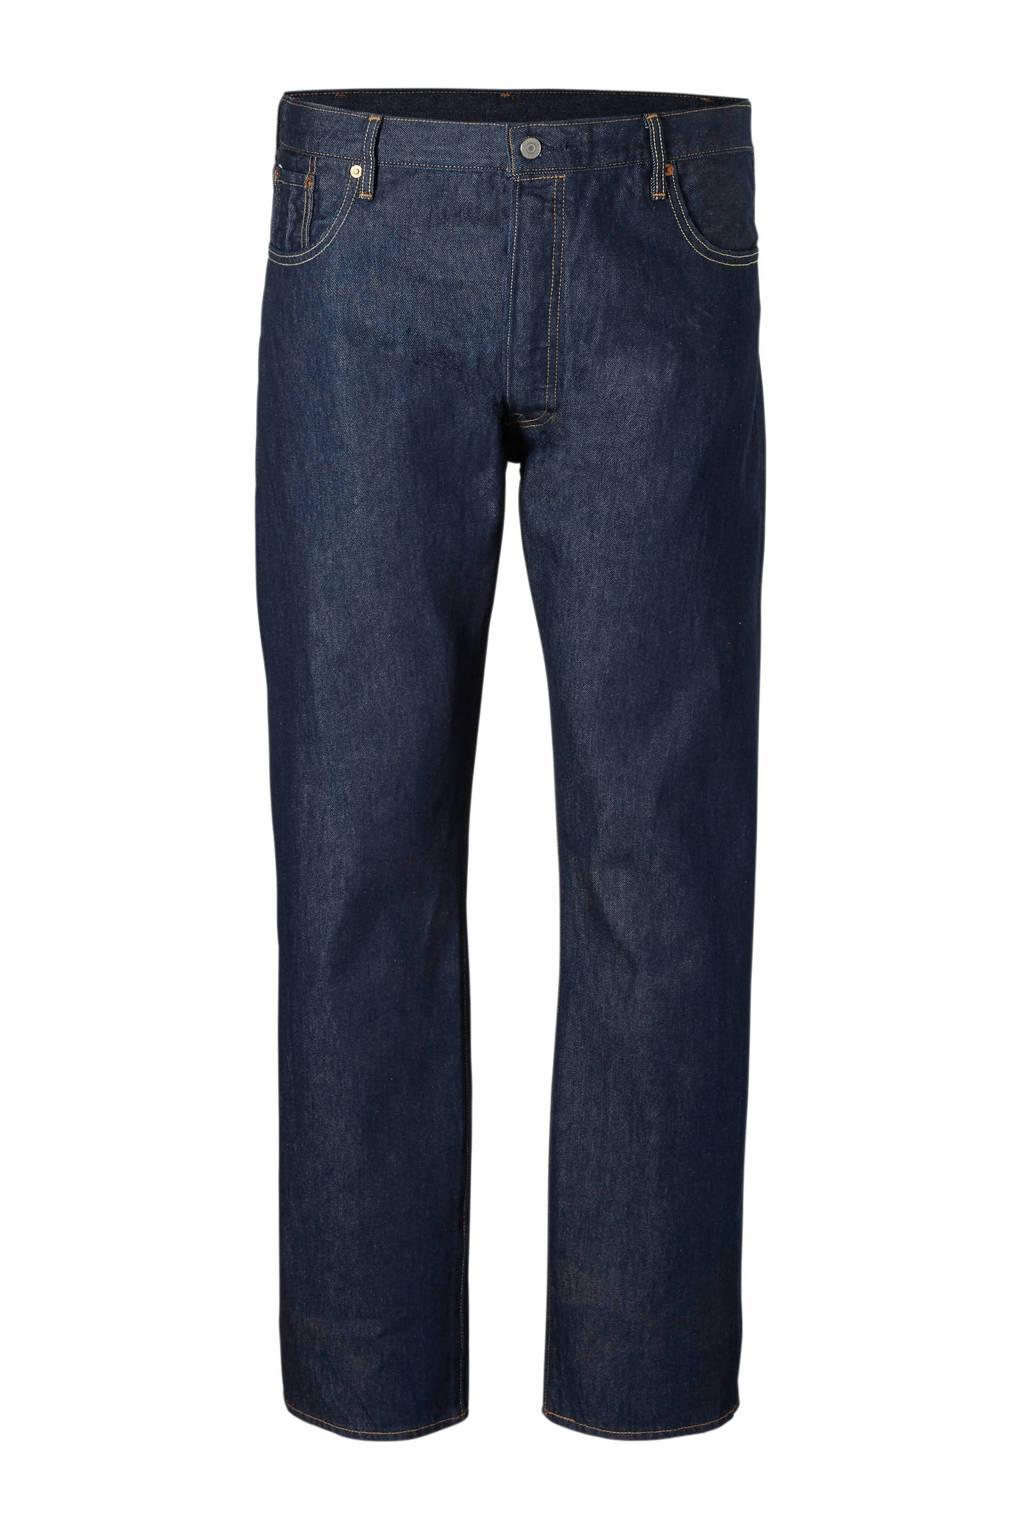 Levi's Big and Tall  straight 501 regular fit jeans, Clint Warp